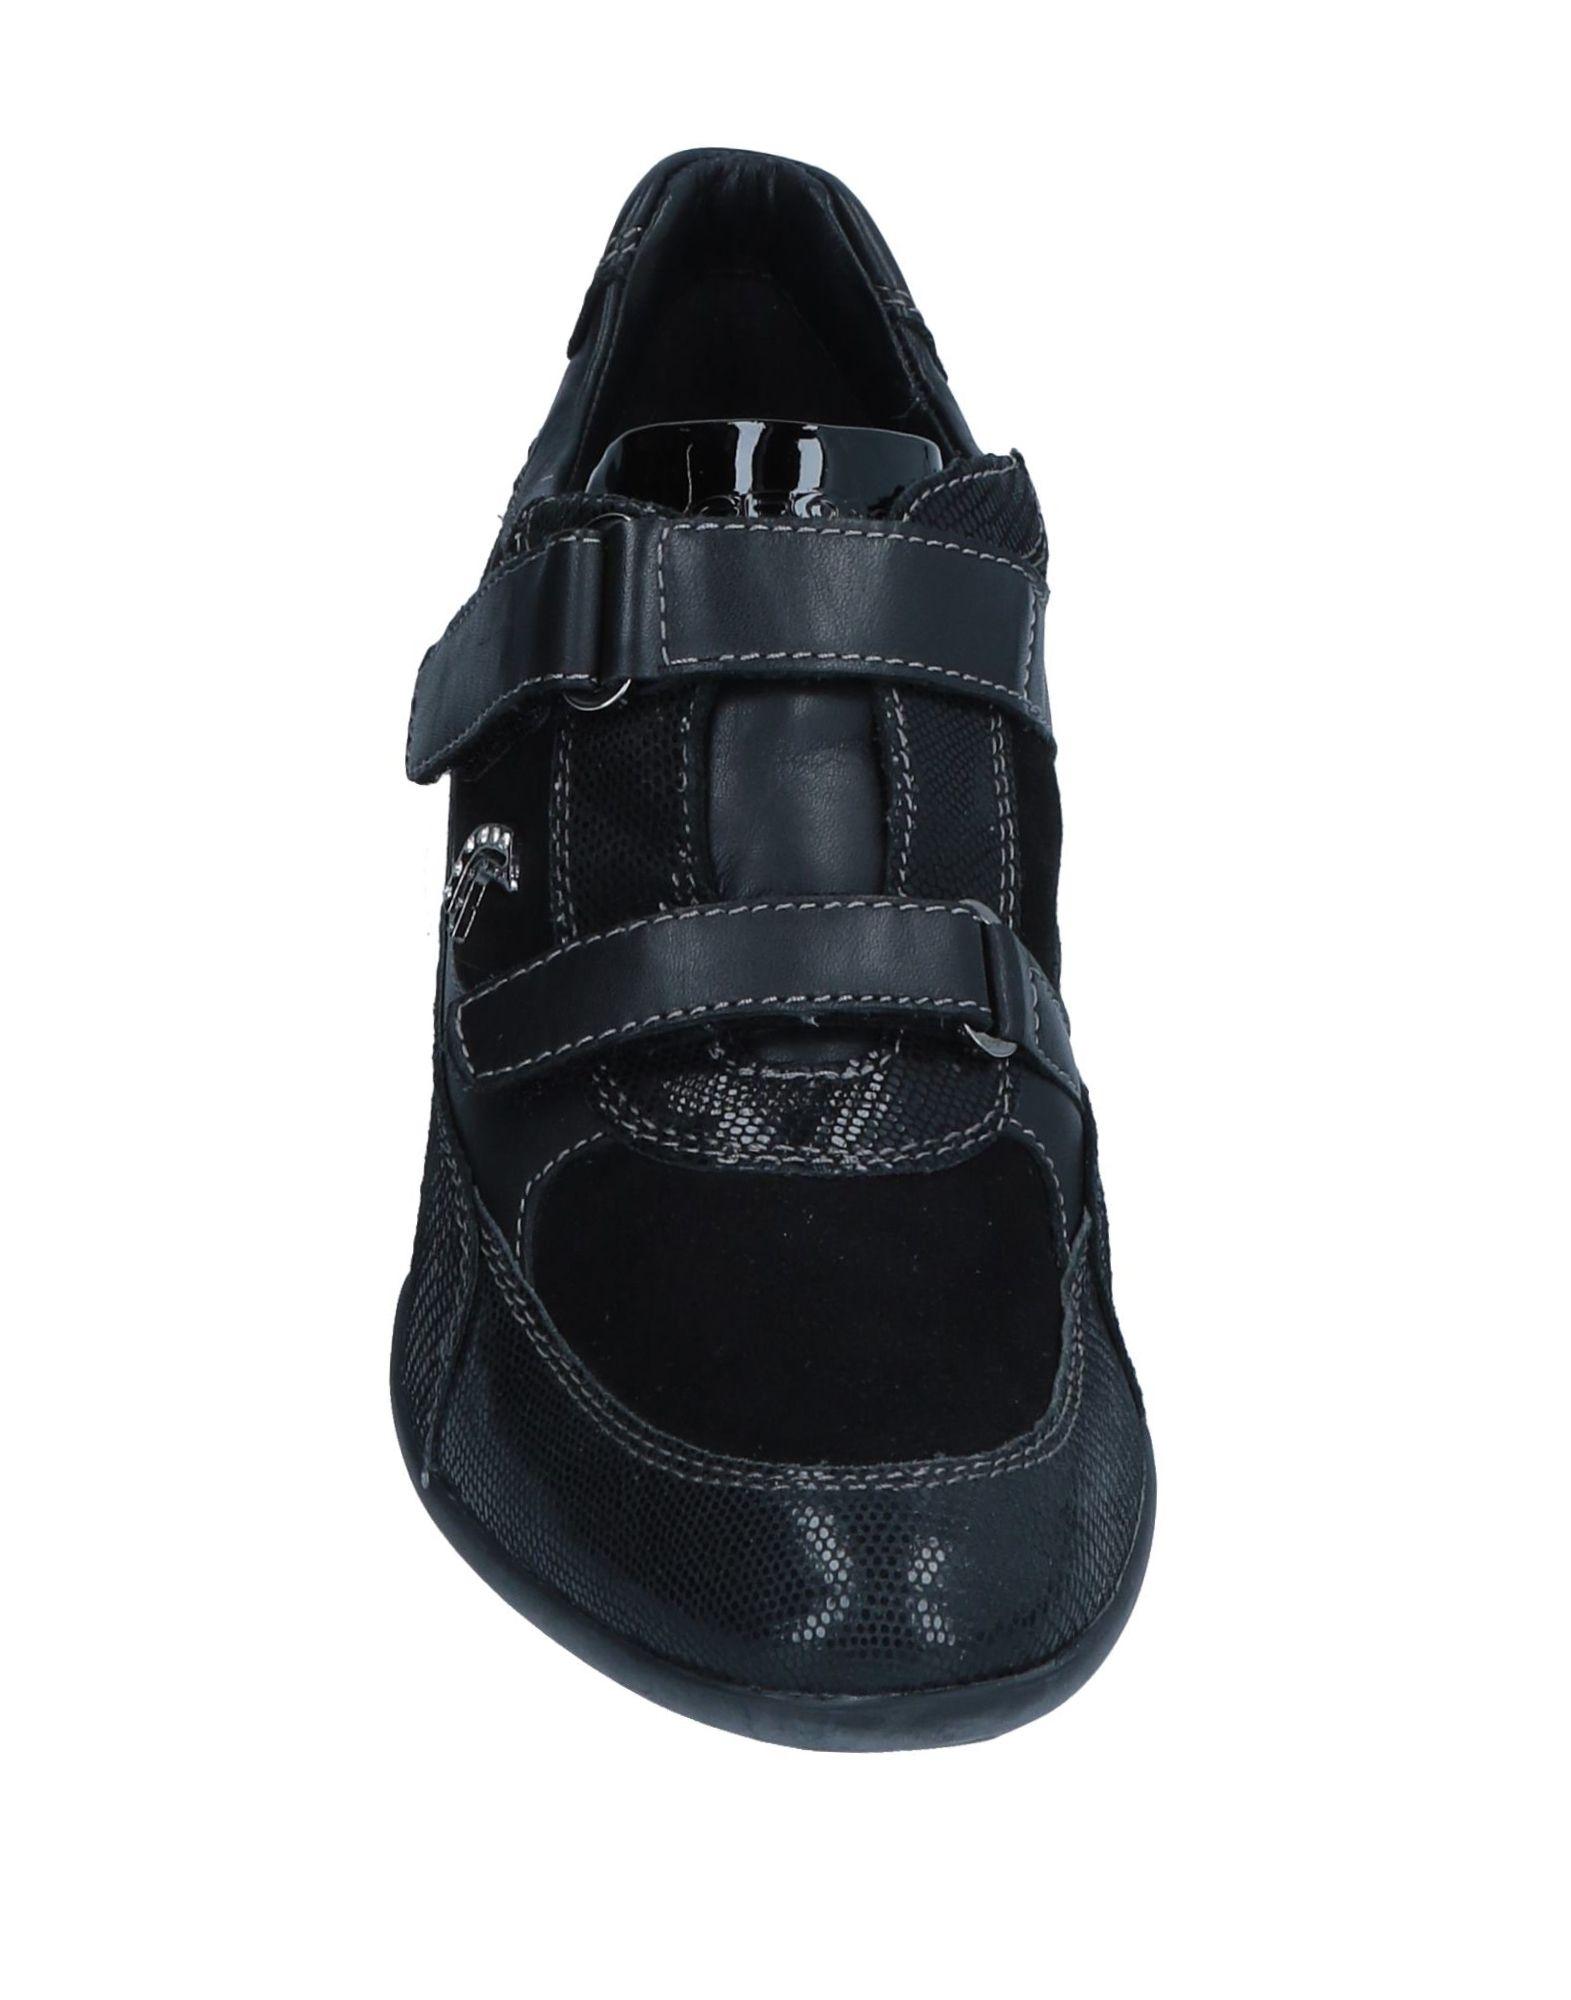 Geox  Sneakers Damen  11554191HT  Geox 608a1b